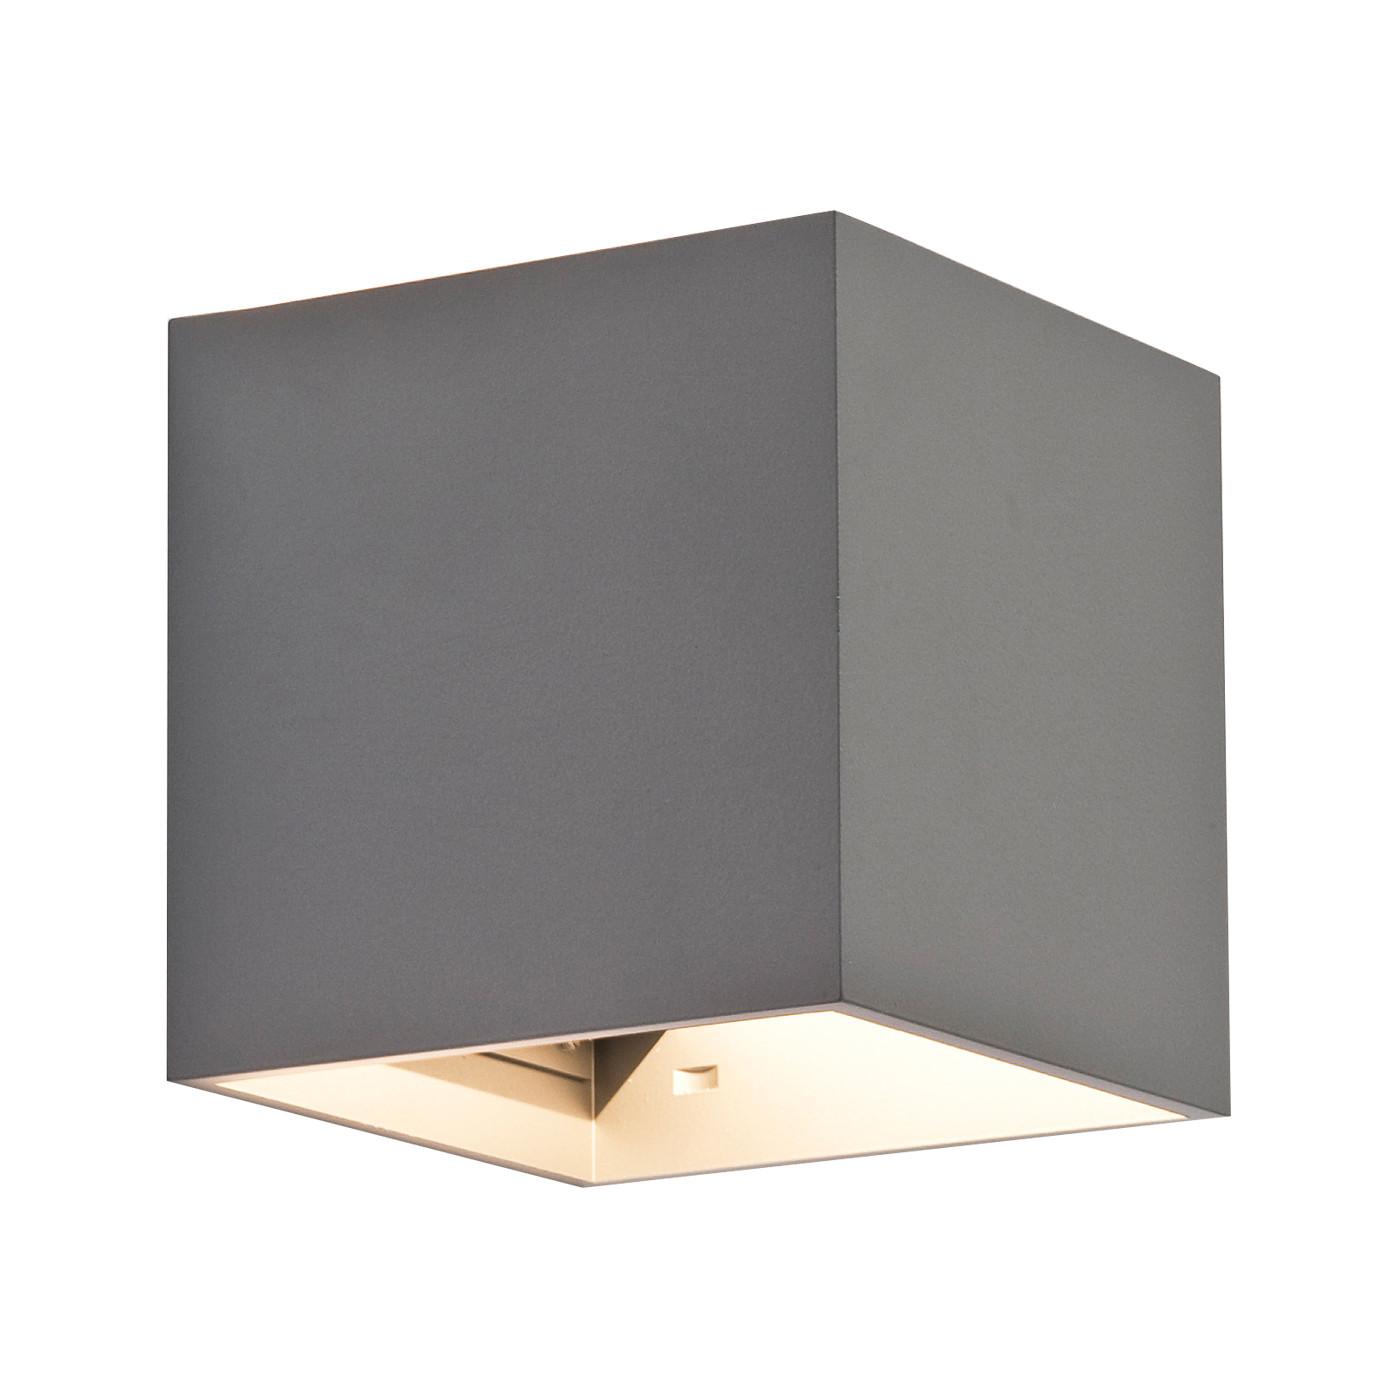 Wever & Ducré Box 1.0 Applique QT14